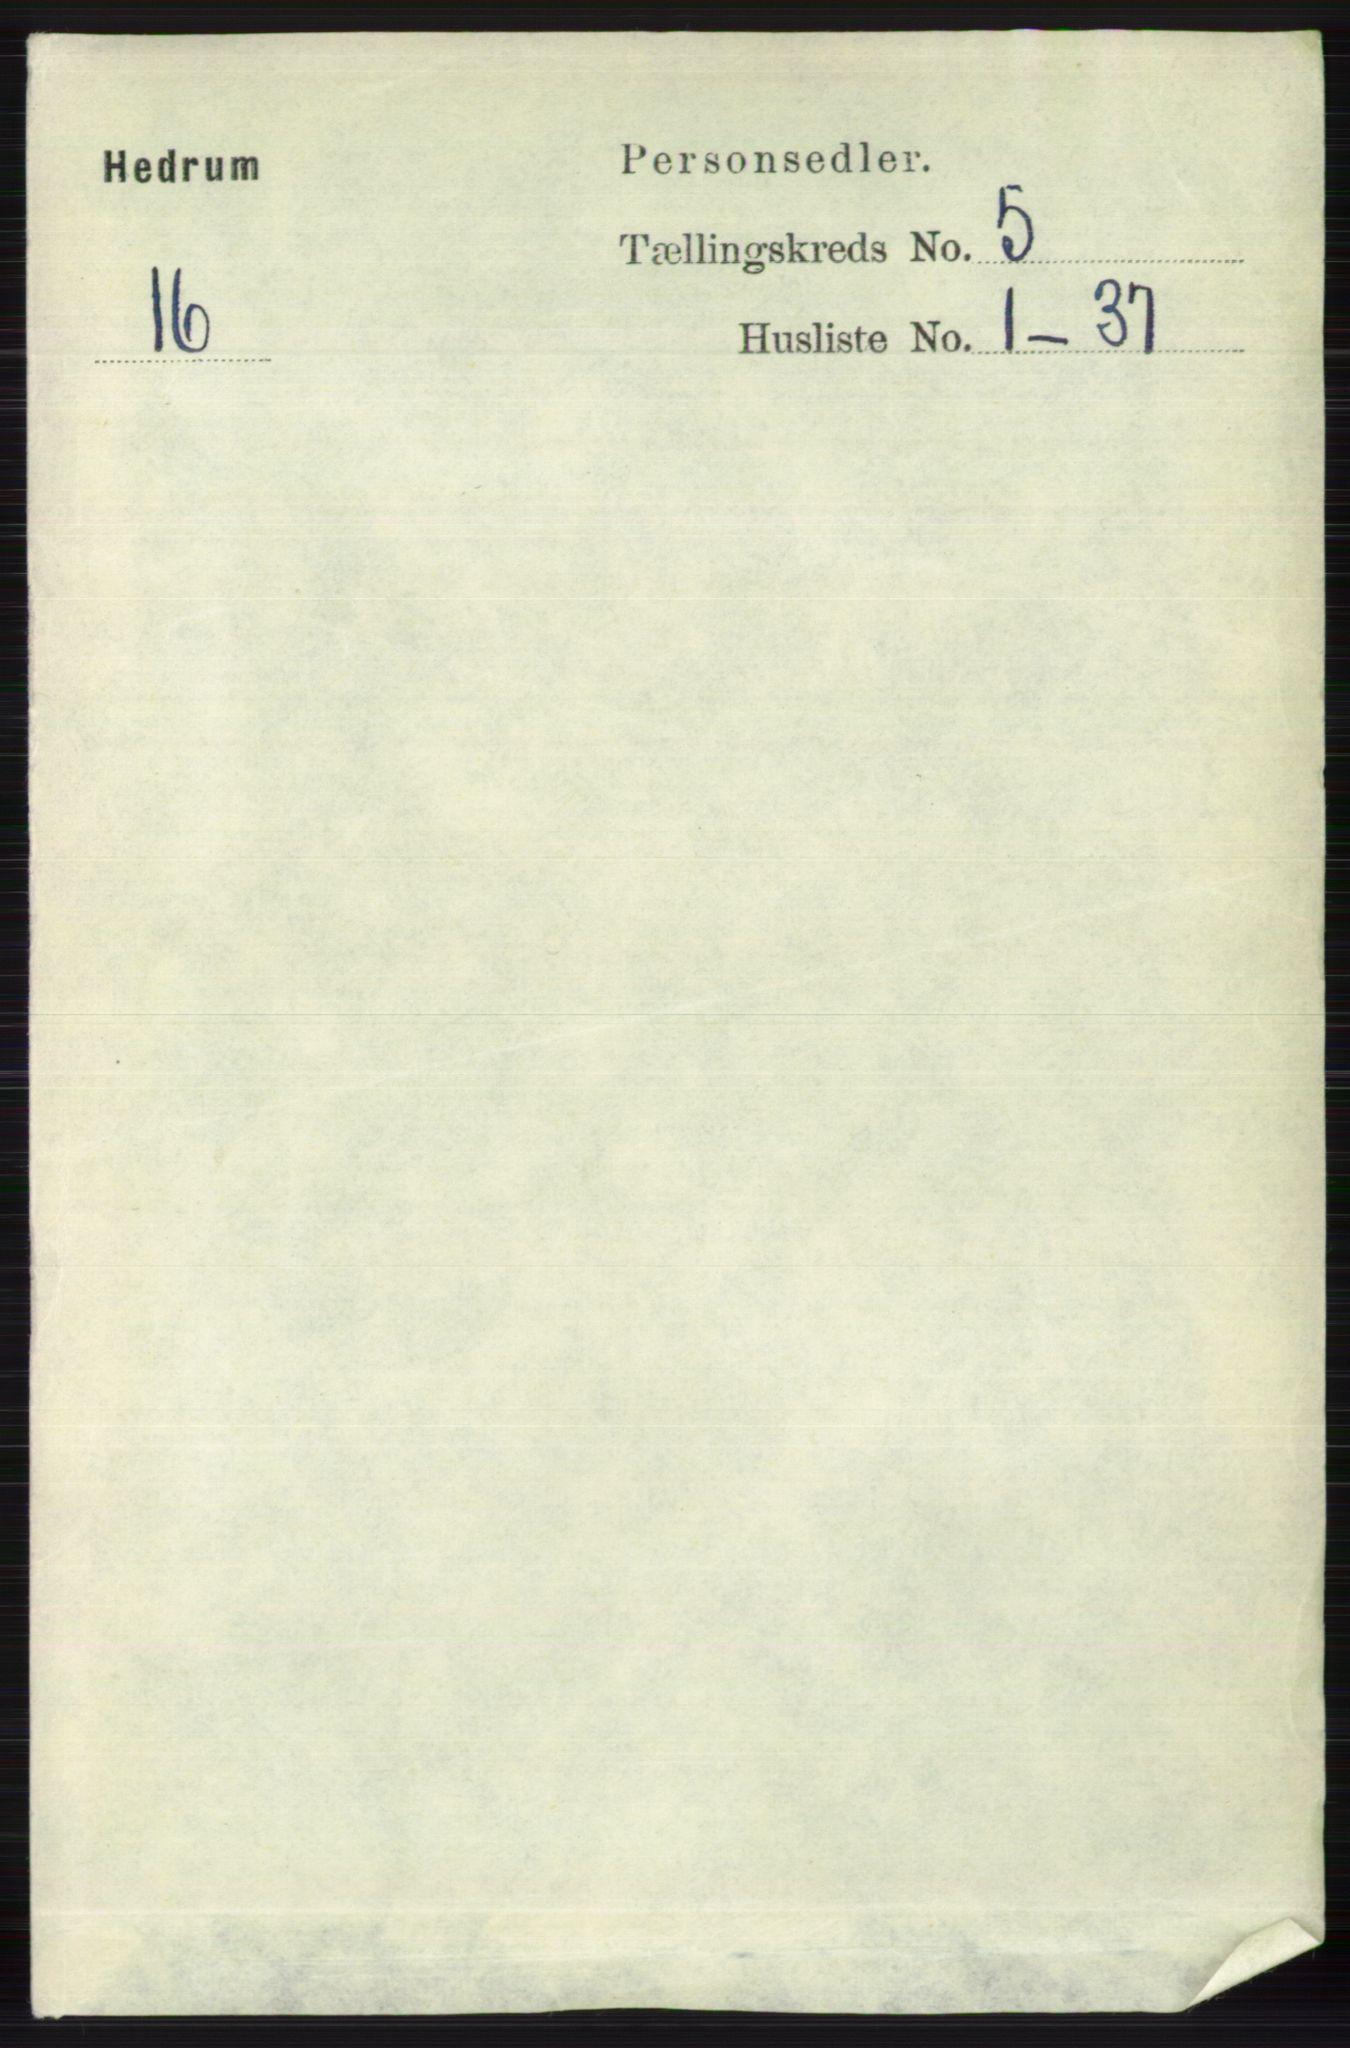 RA, Folketelling 1891 for 0727 Hedrum herred, 1891, s. 1965